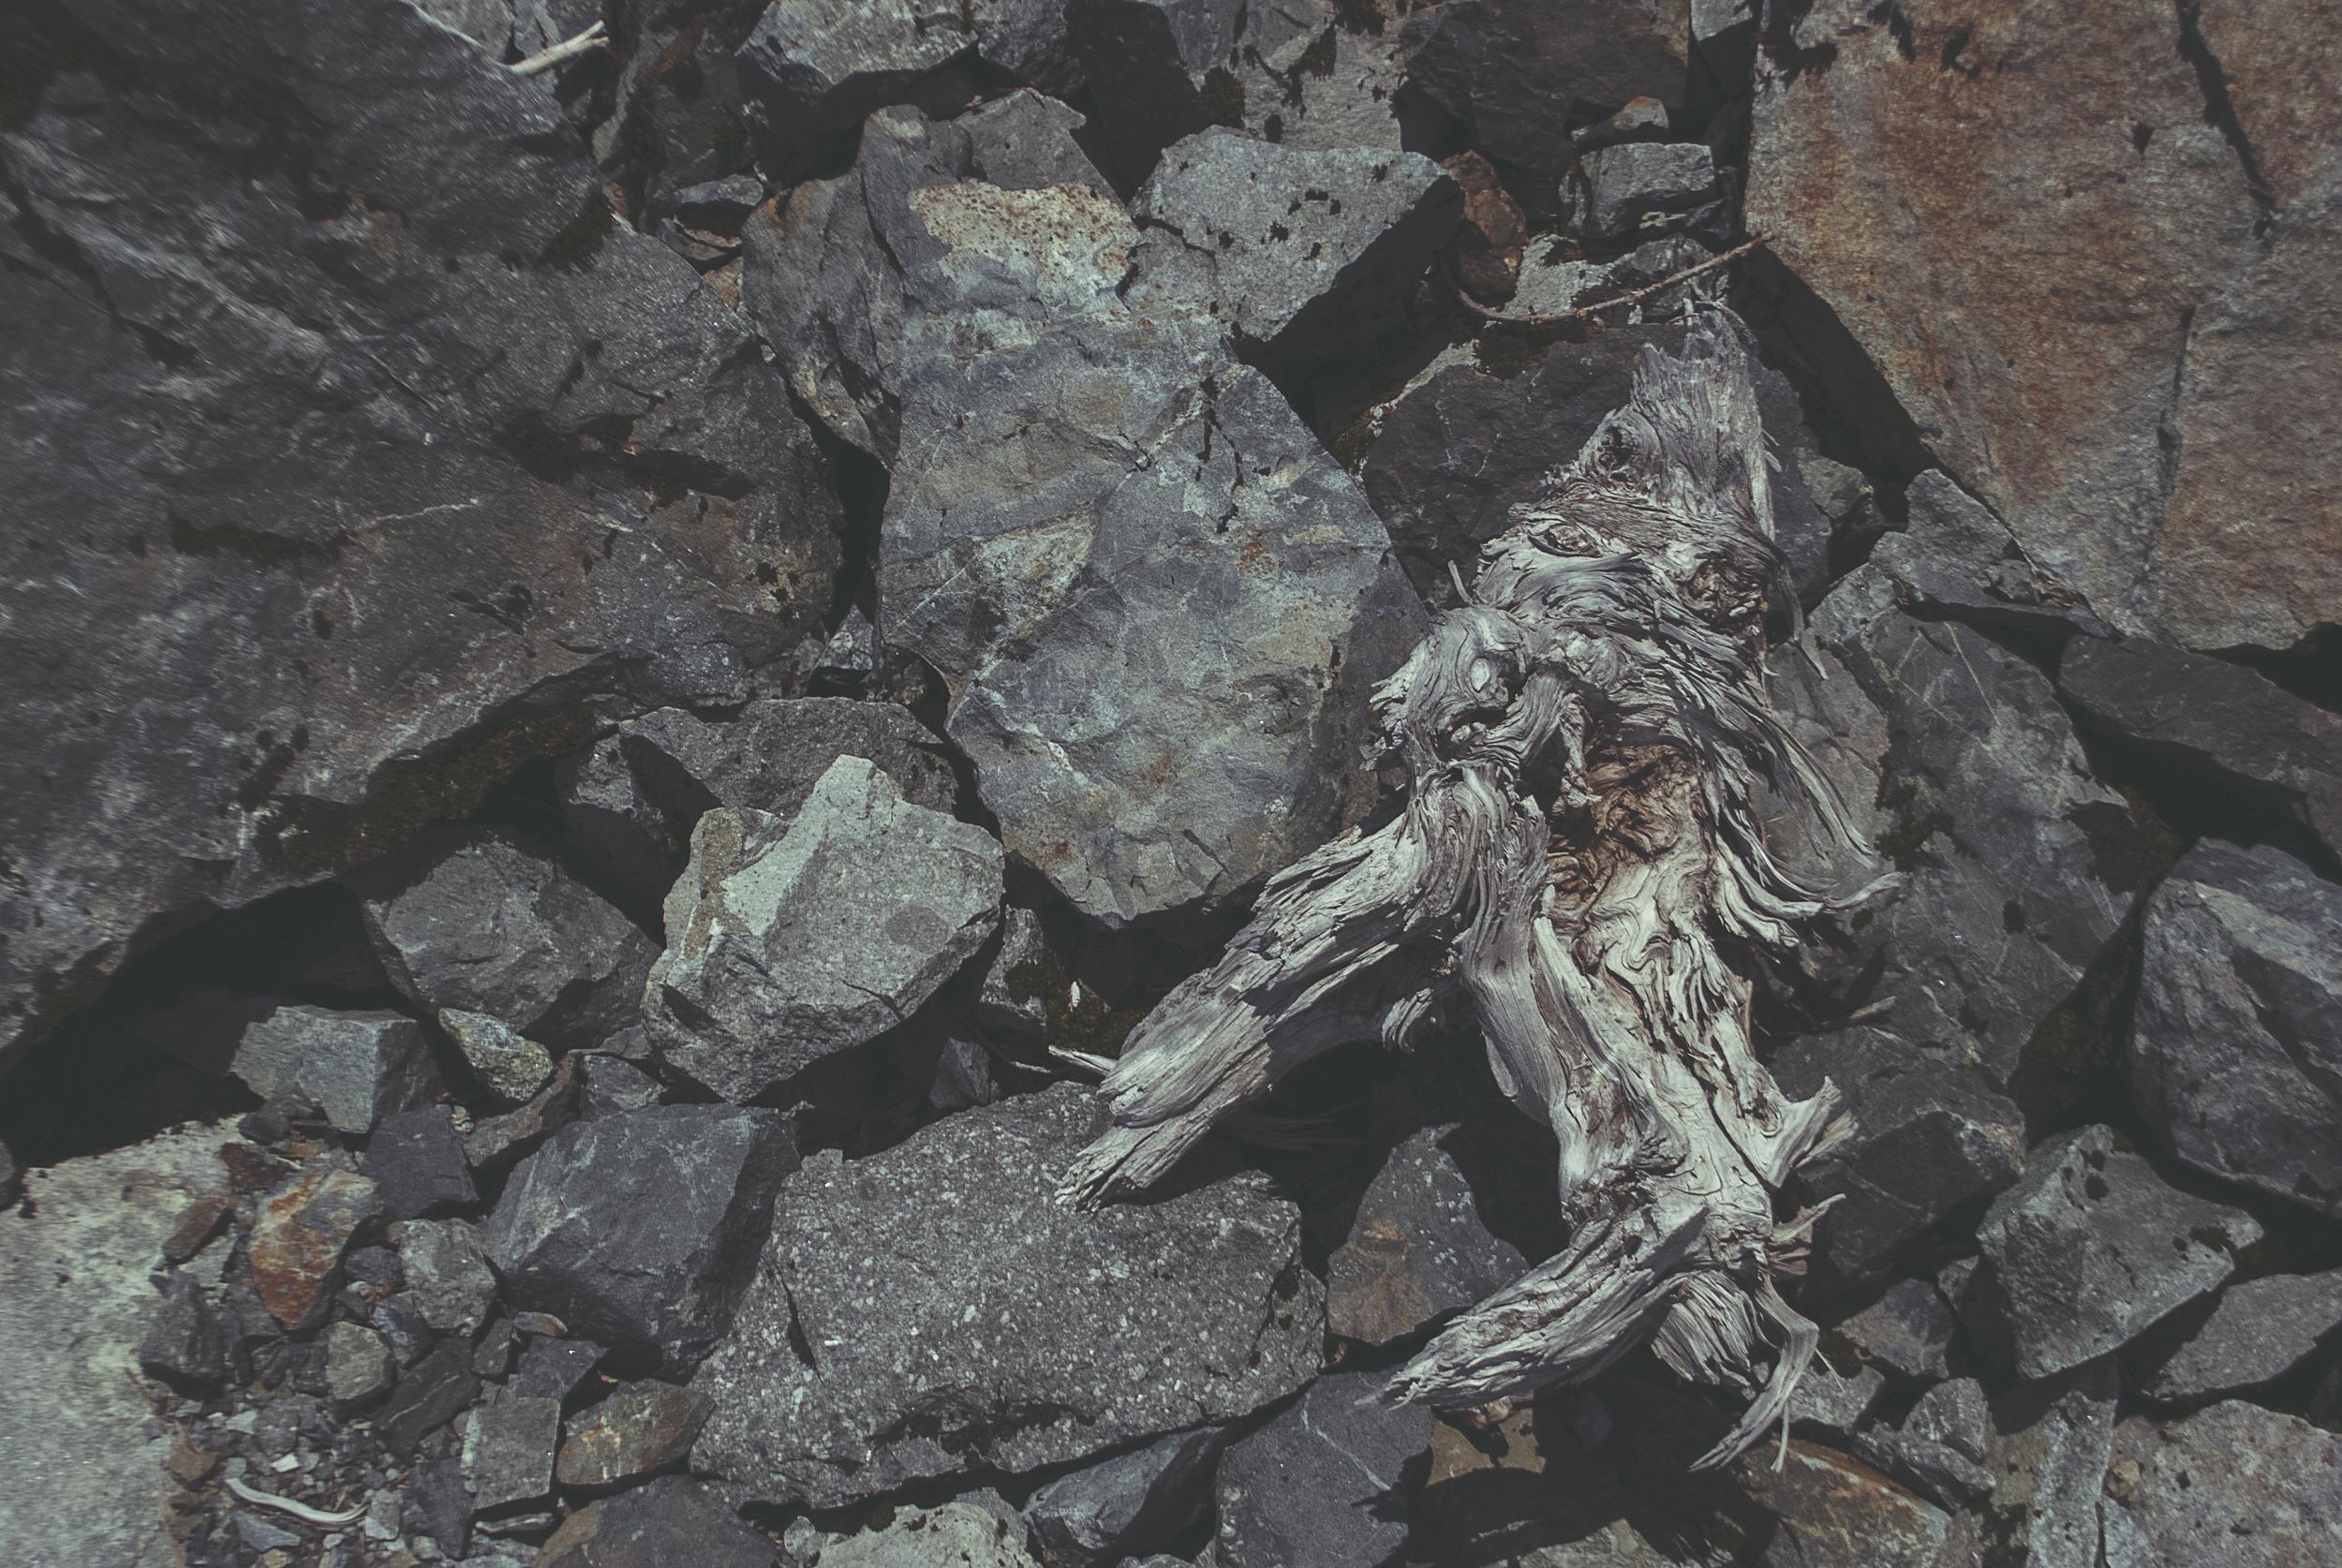 Seattle_lakeSerene_rocks_driftwood_DSC0258.jpg